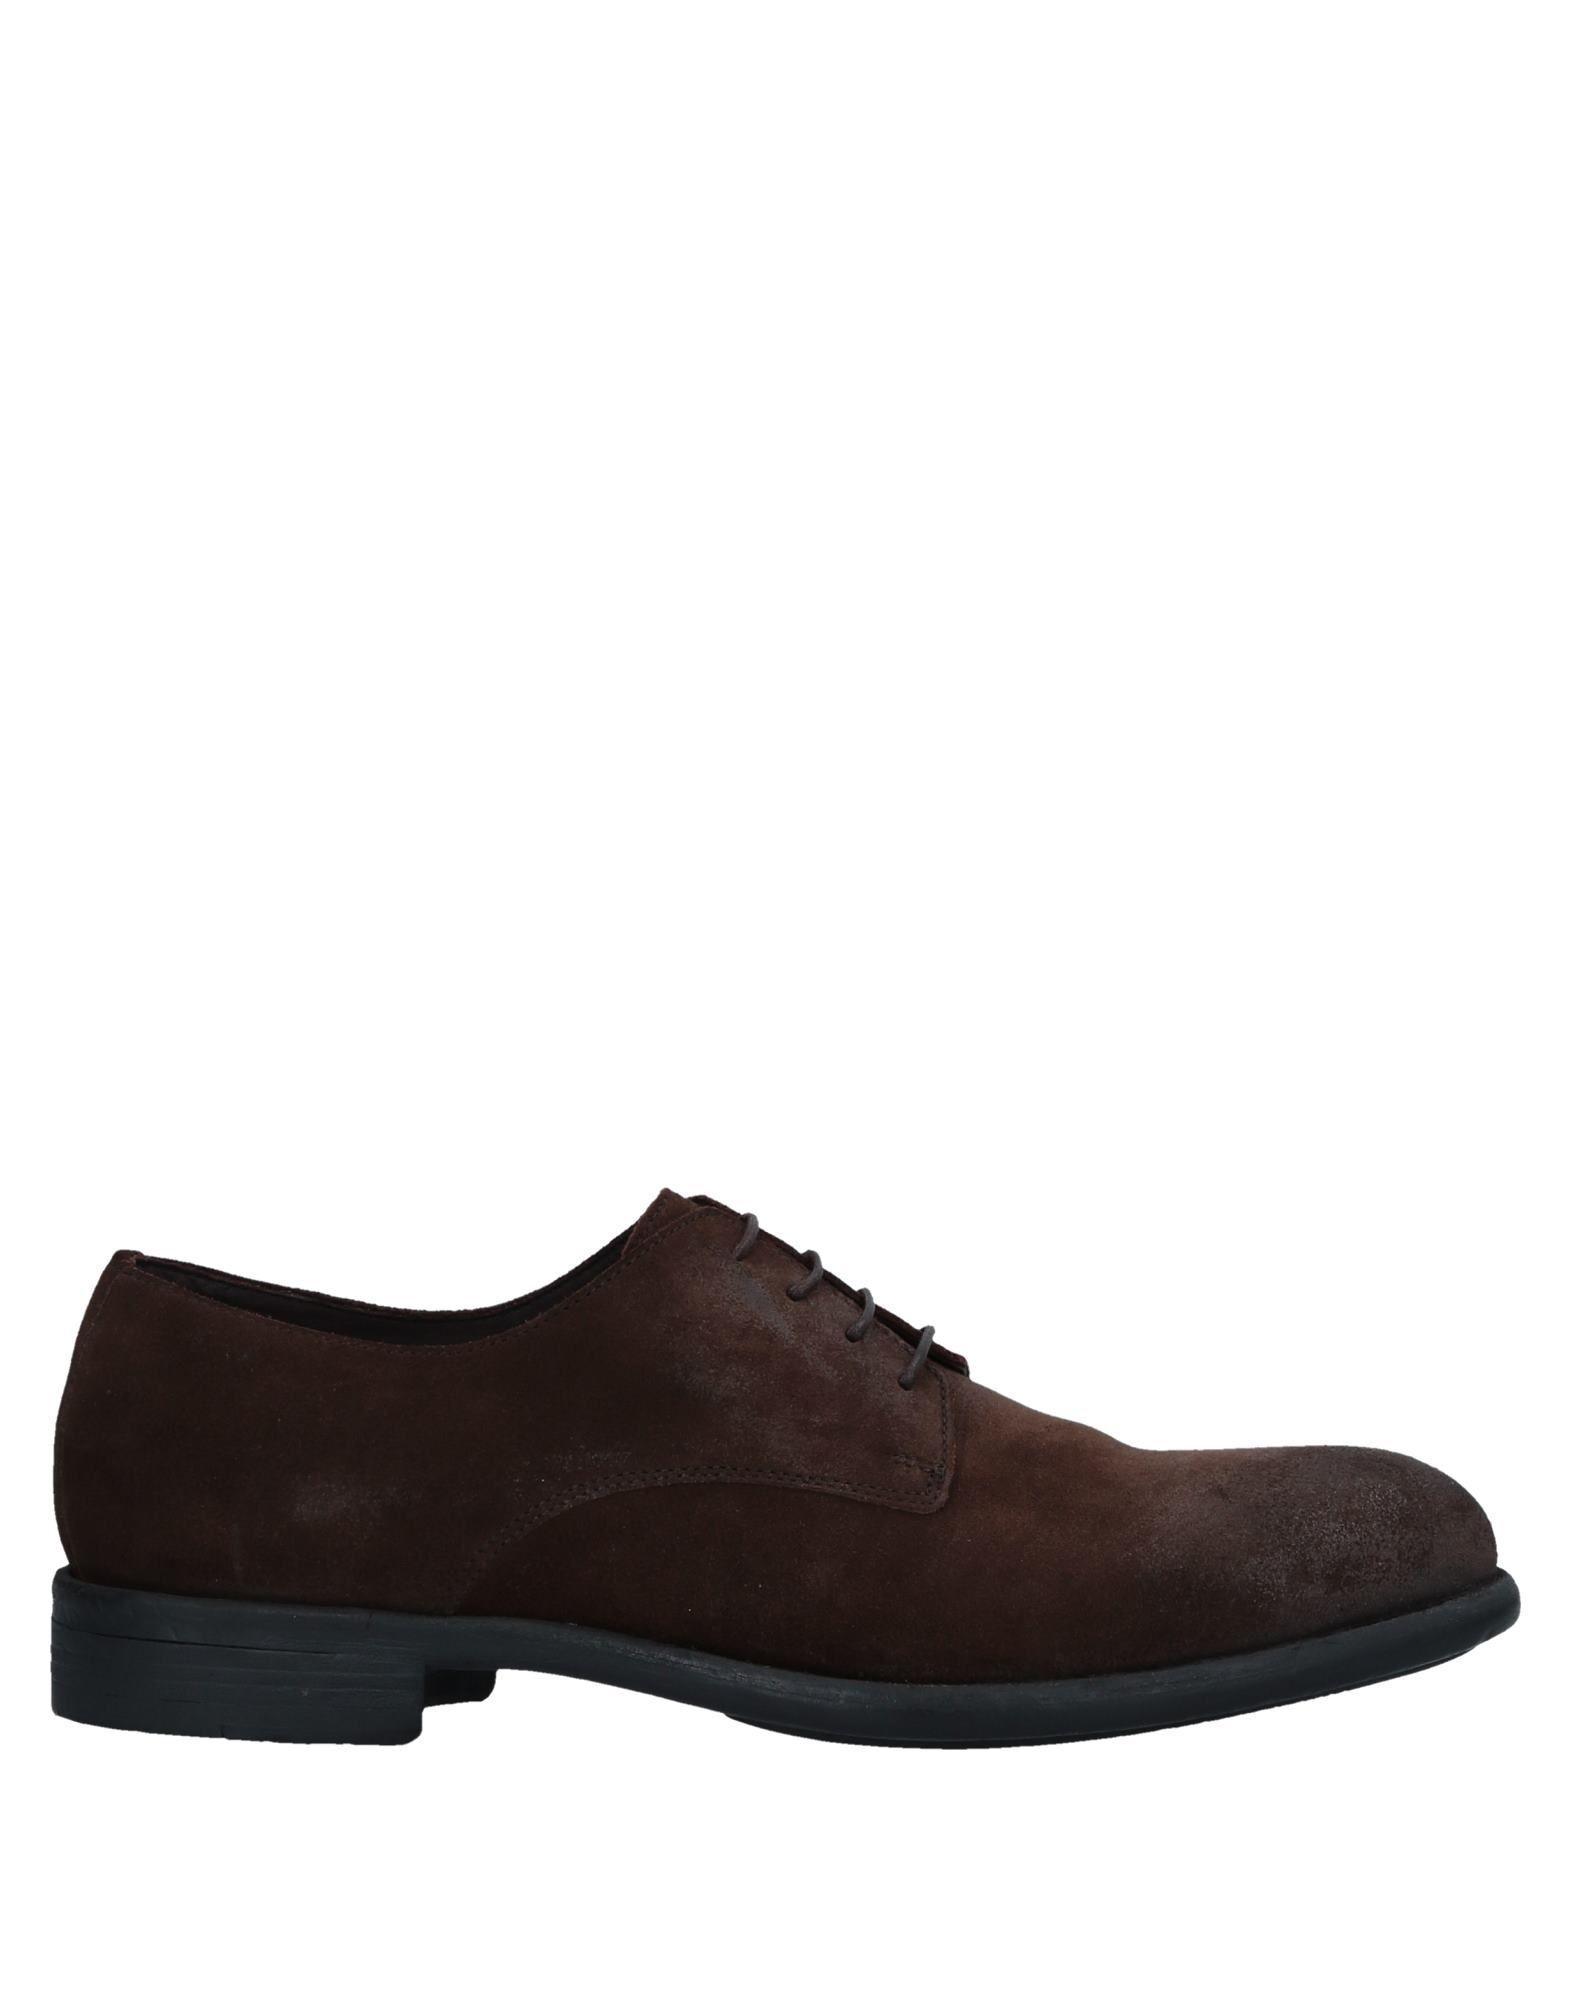 Haltbare Mode billige Schuhe Seboy's Schnürschuhe Herren  11526672LA Heiße Schuhe